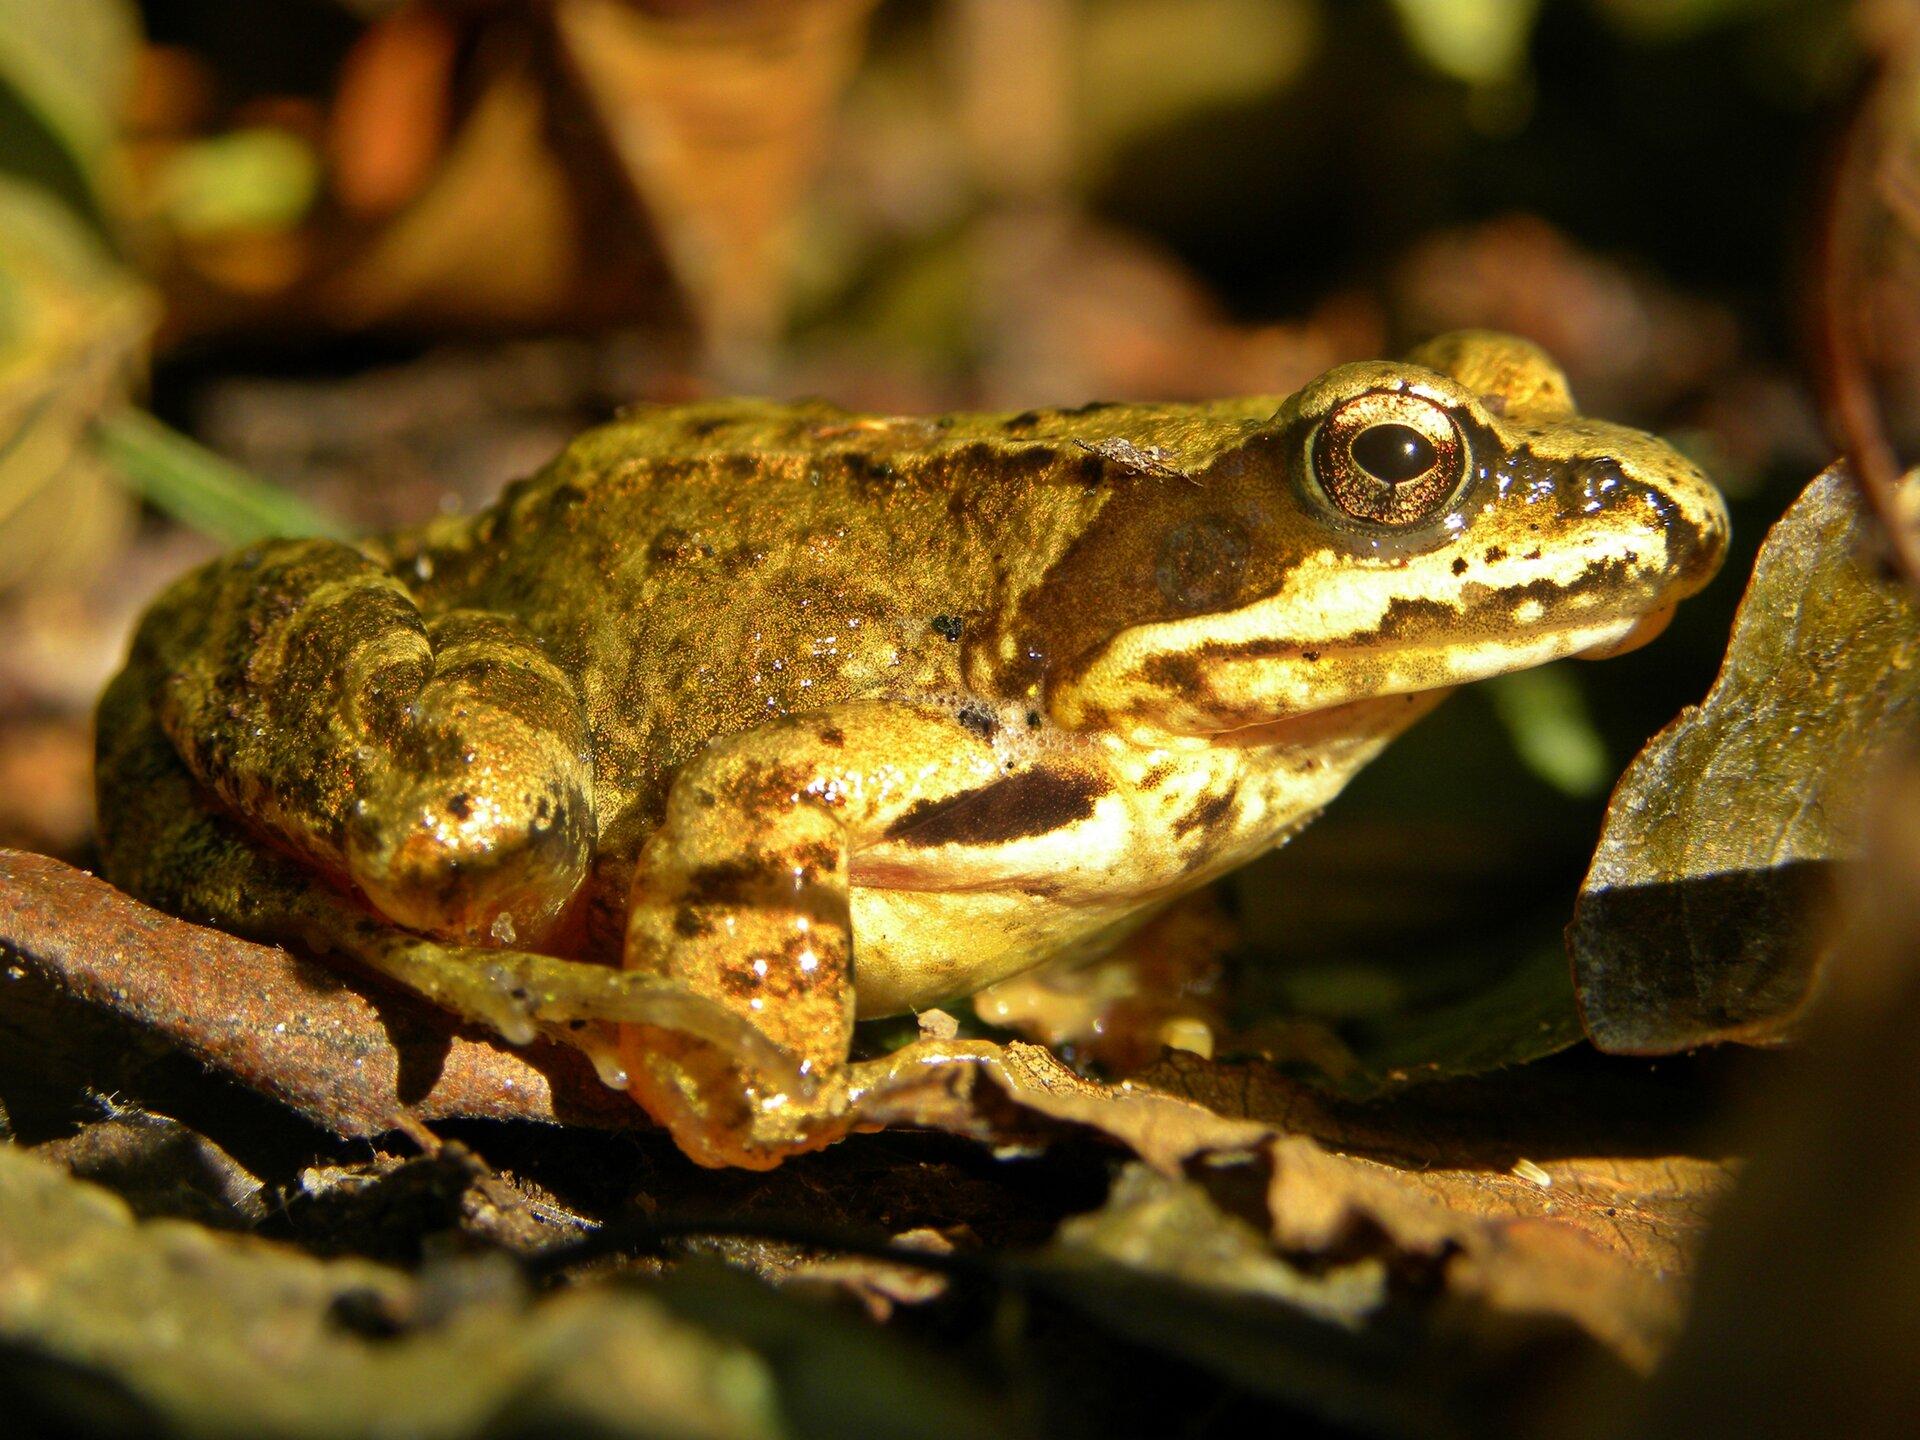 Fotografia przedstawia zbliżenie oliwkowej żaby zboku, pyskiem wprawo. Żaba trawna siedzi na podłożu zbrunatnych liści igałązek. Na głowie duże, wypukłe, okrągłe oczy ze złotawymi tęczówkami. Szpara źrenicy czarna, poziomo owalna. Przez pysk, oko aż do przednich łap brązowa plama. Ciało krępe, kończyny przyciągnięte do tułowia. Brzuch jasny. Na tylnych łapach ciemniejsze, poprzeczne pasy.